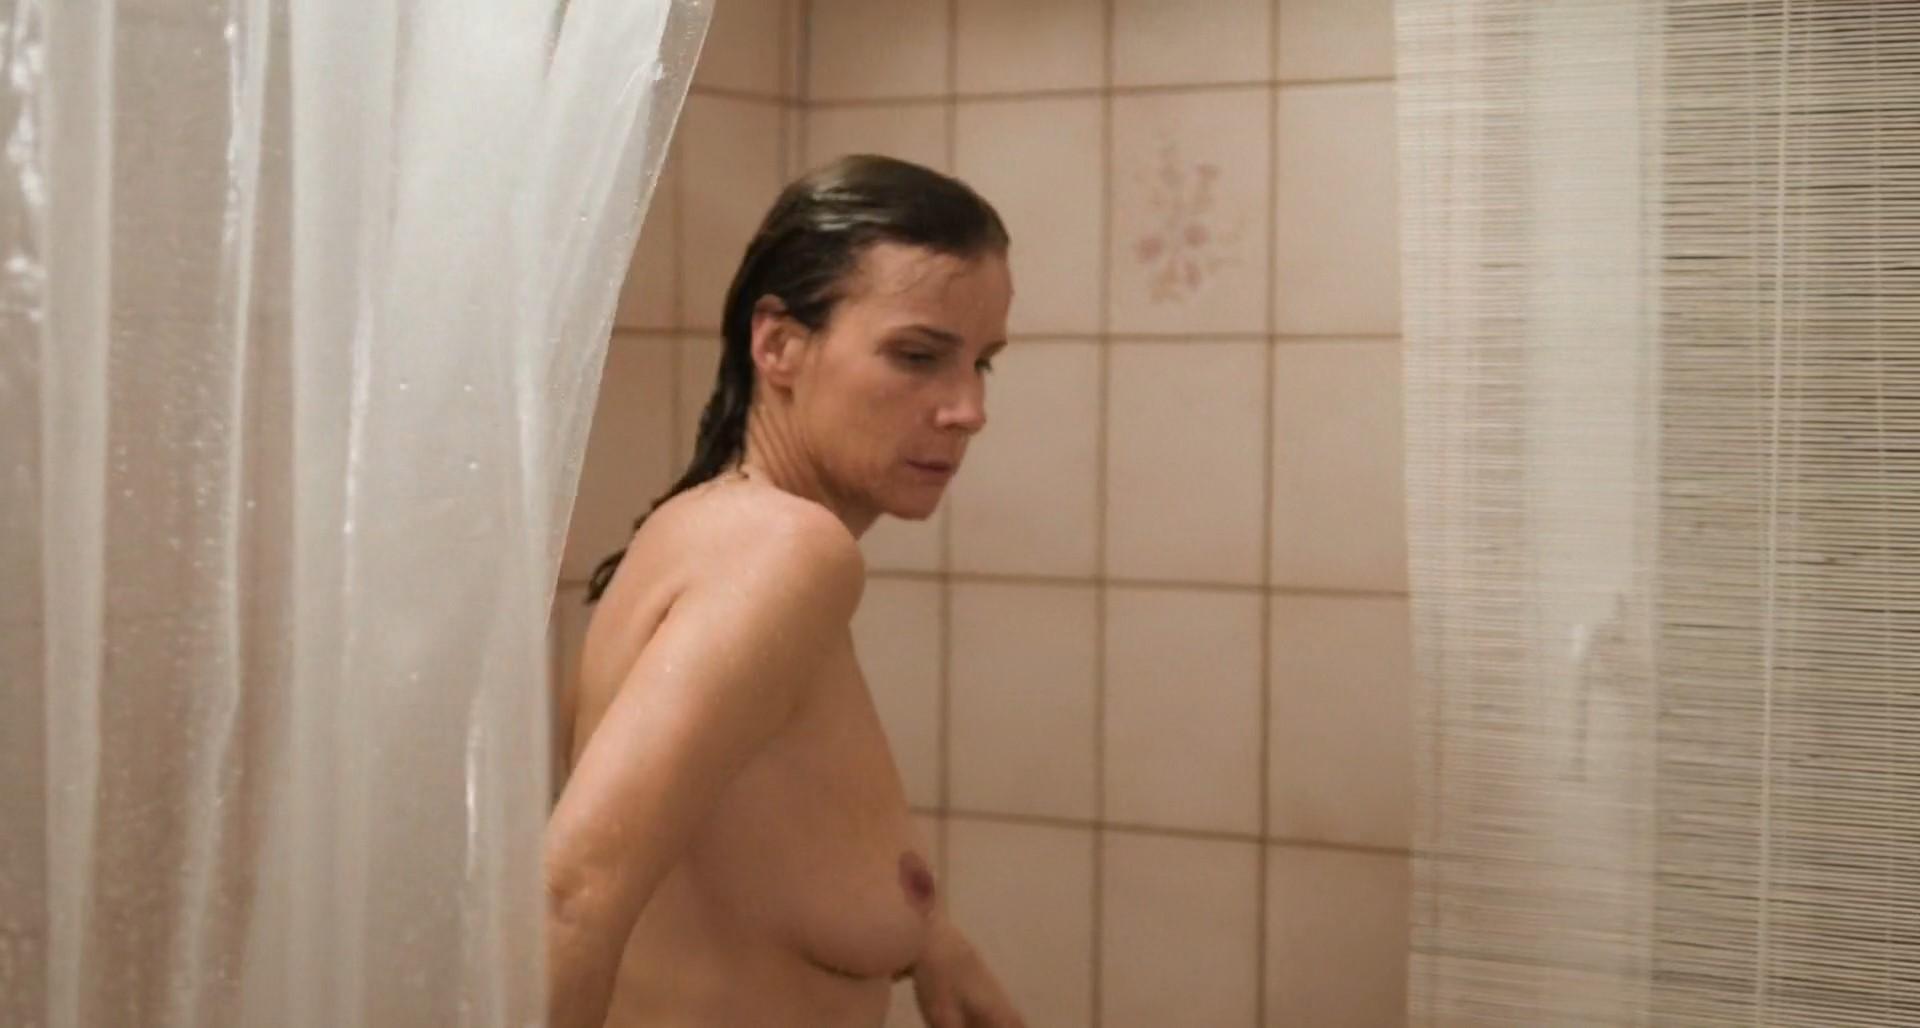 rachel naked pics